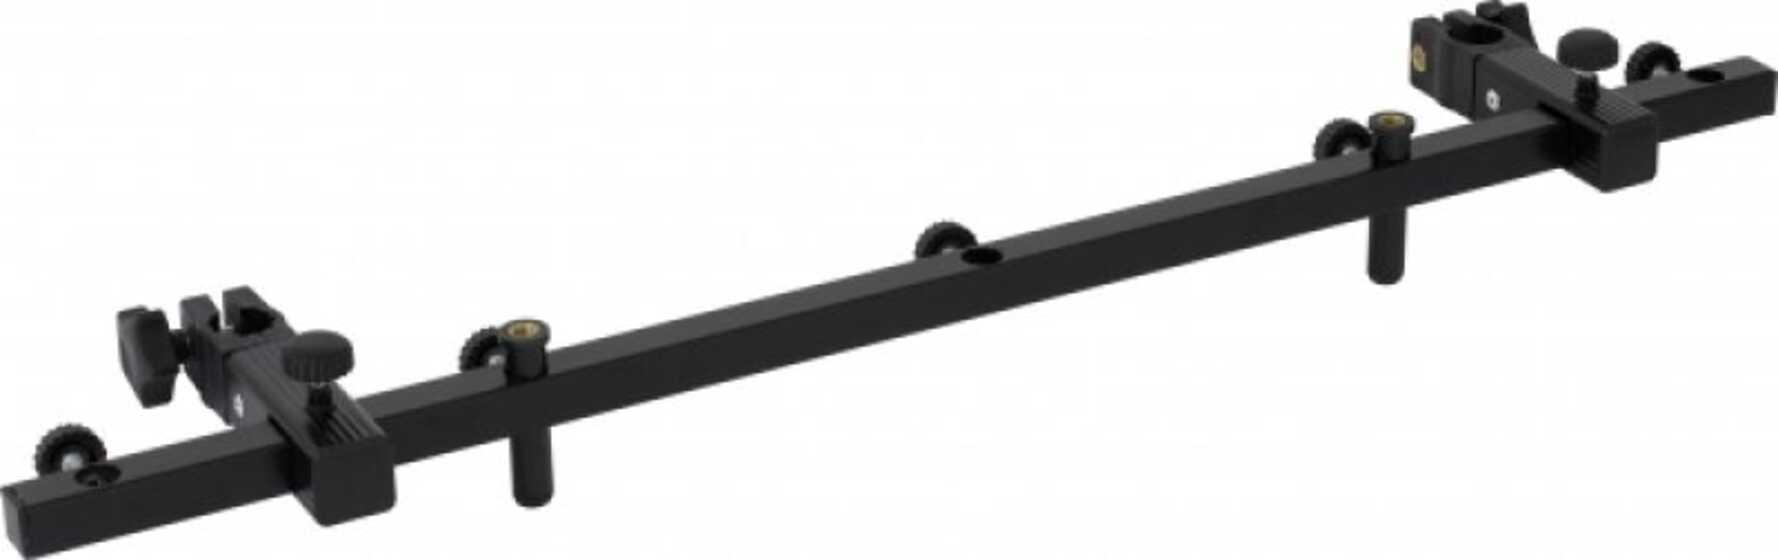 Sensas Adjustable Keepnet Arm 25 Mm